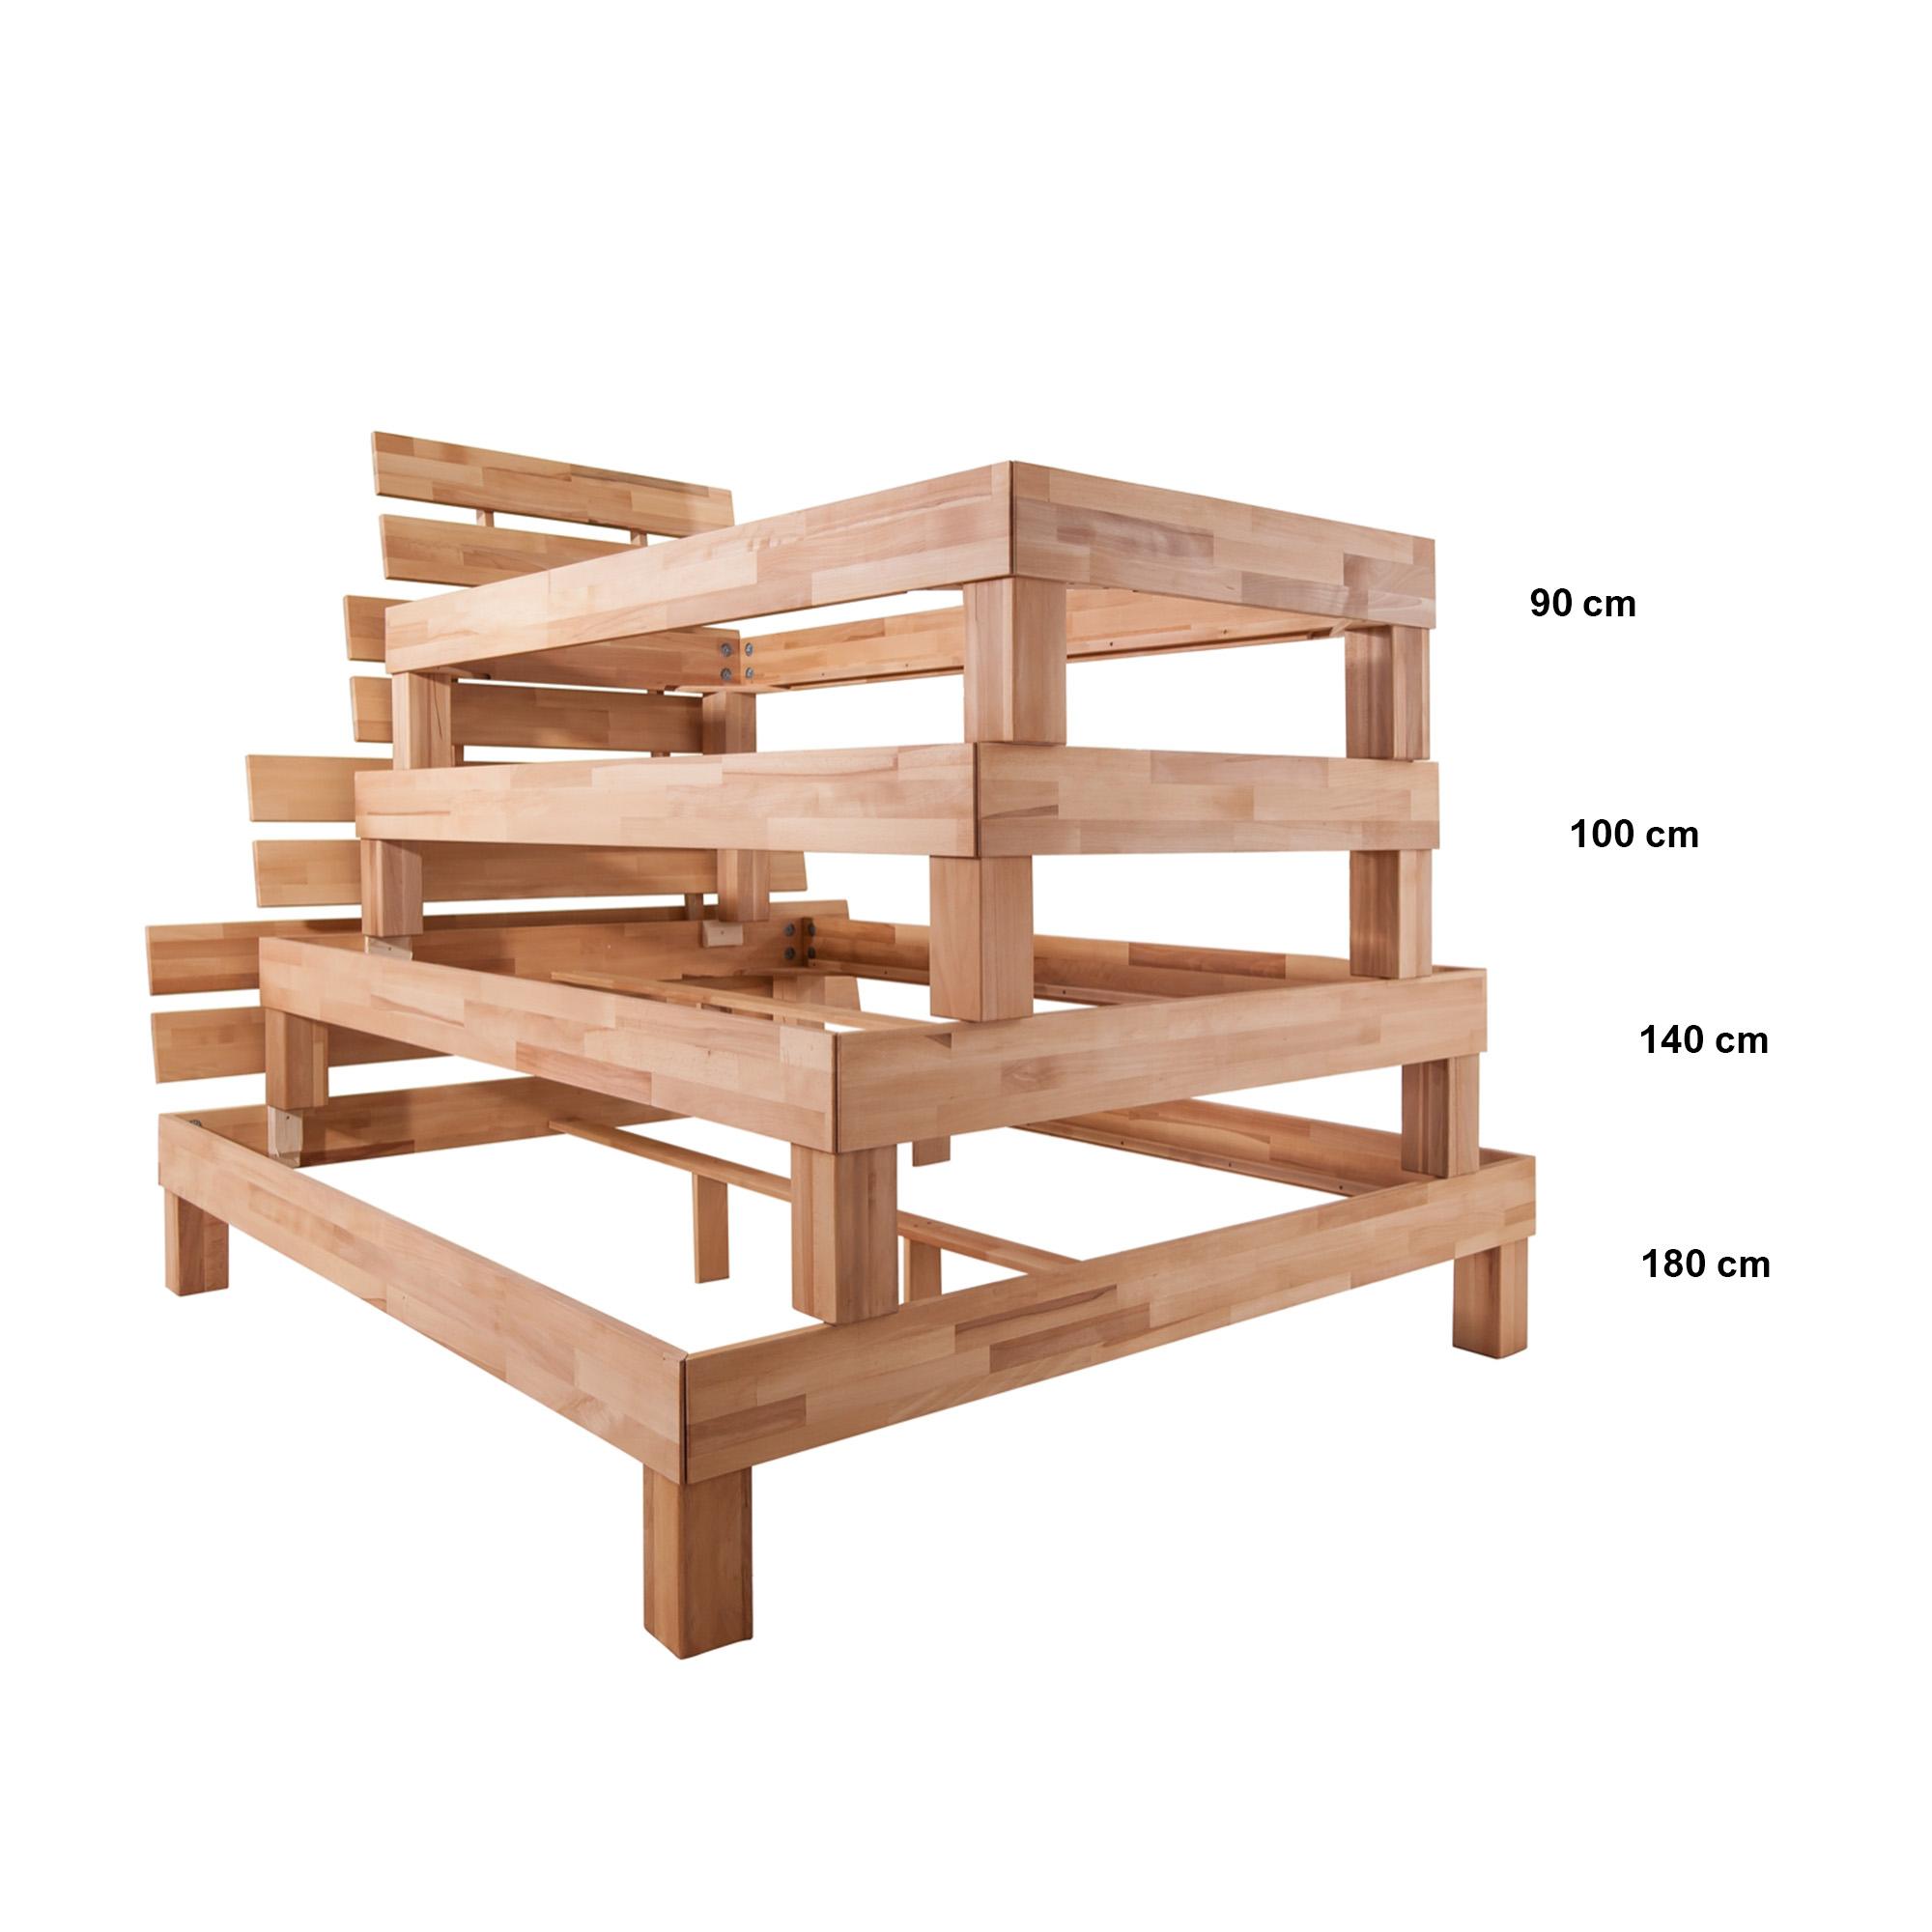 Full Size of Futonbett 100x200 Julia Liegeflche 100 200 Cm Massivholz Gelte Bett Weiß Betten Wohnzimmer Futonbett 100x200